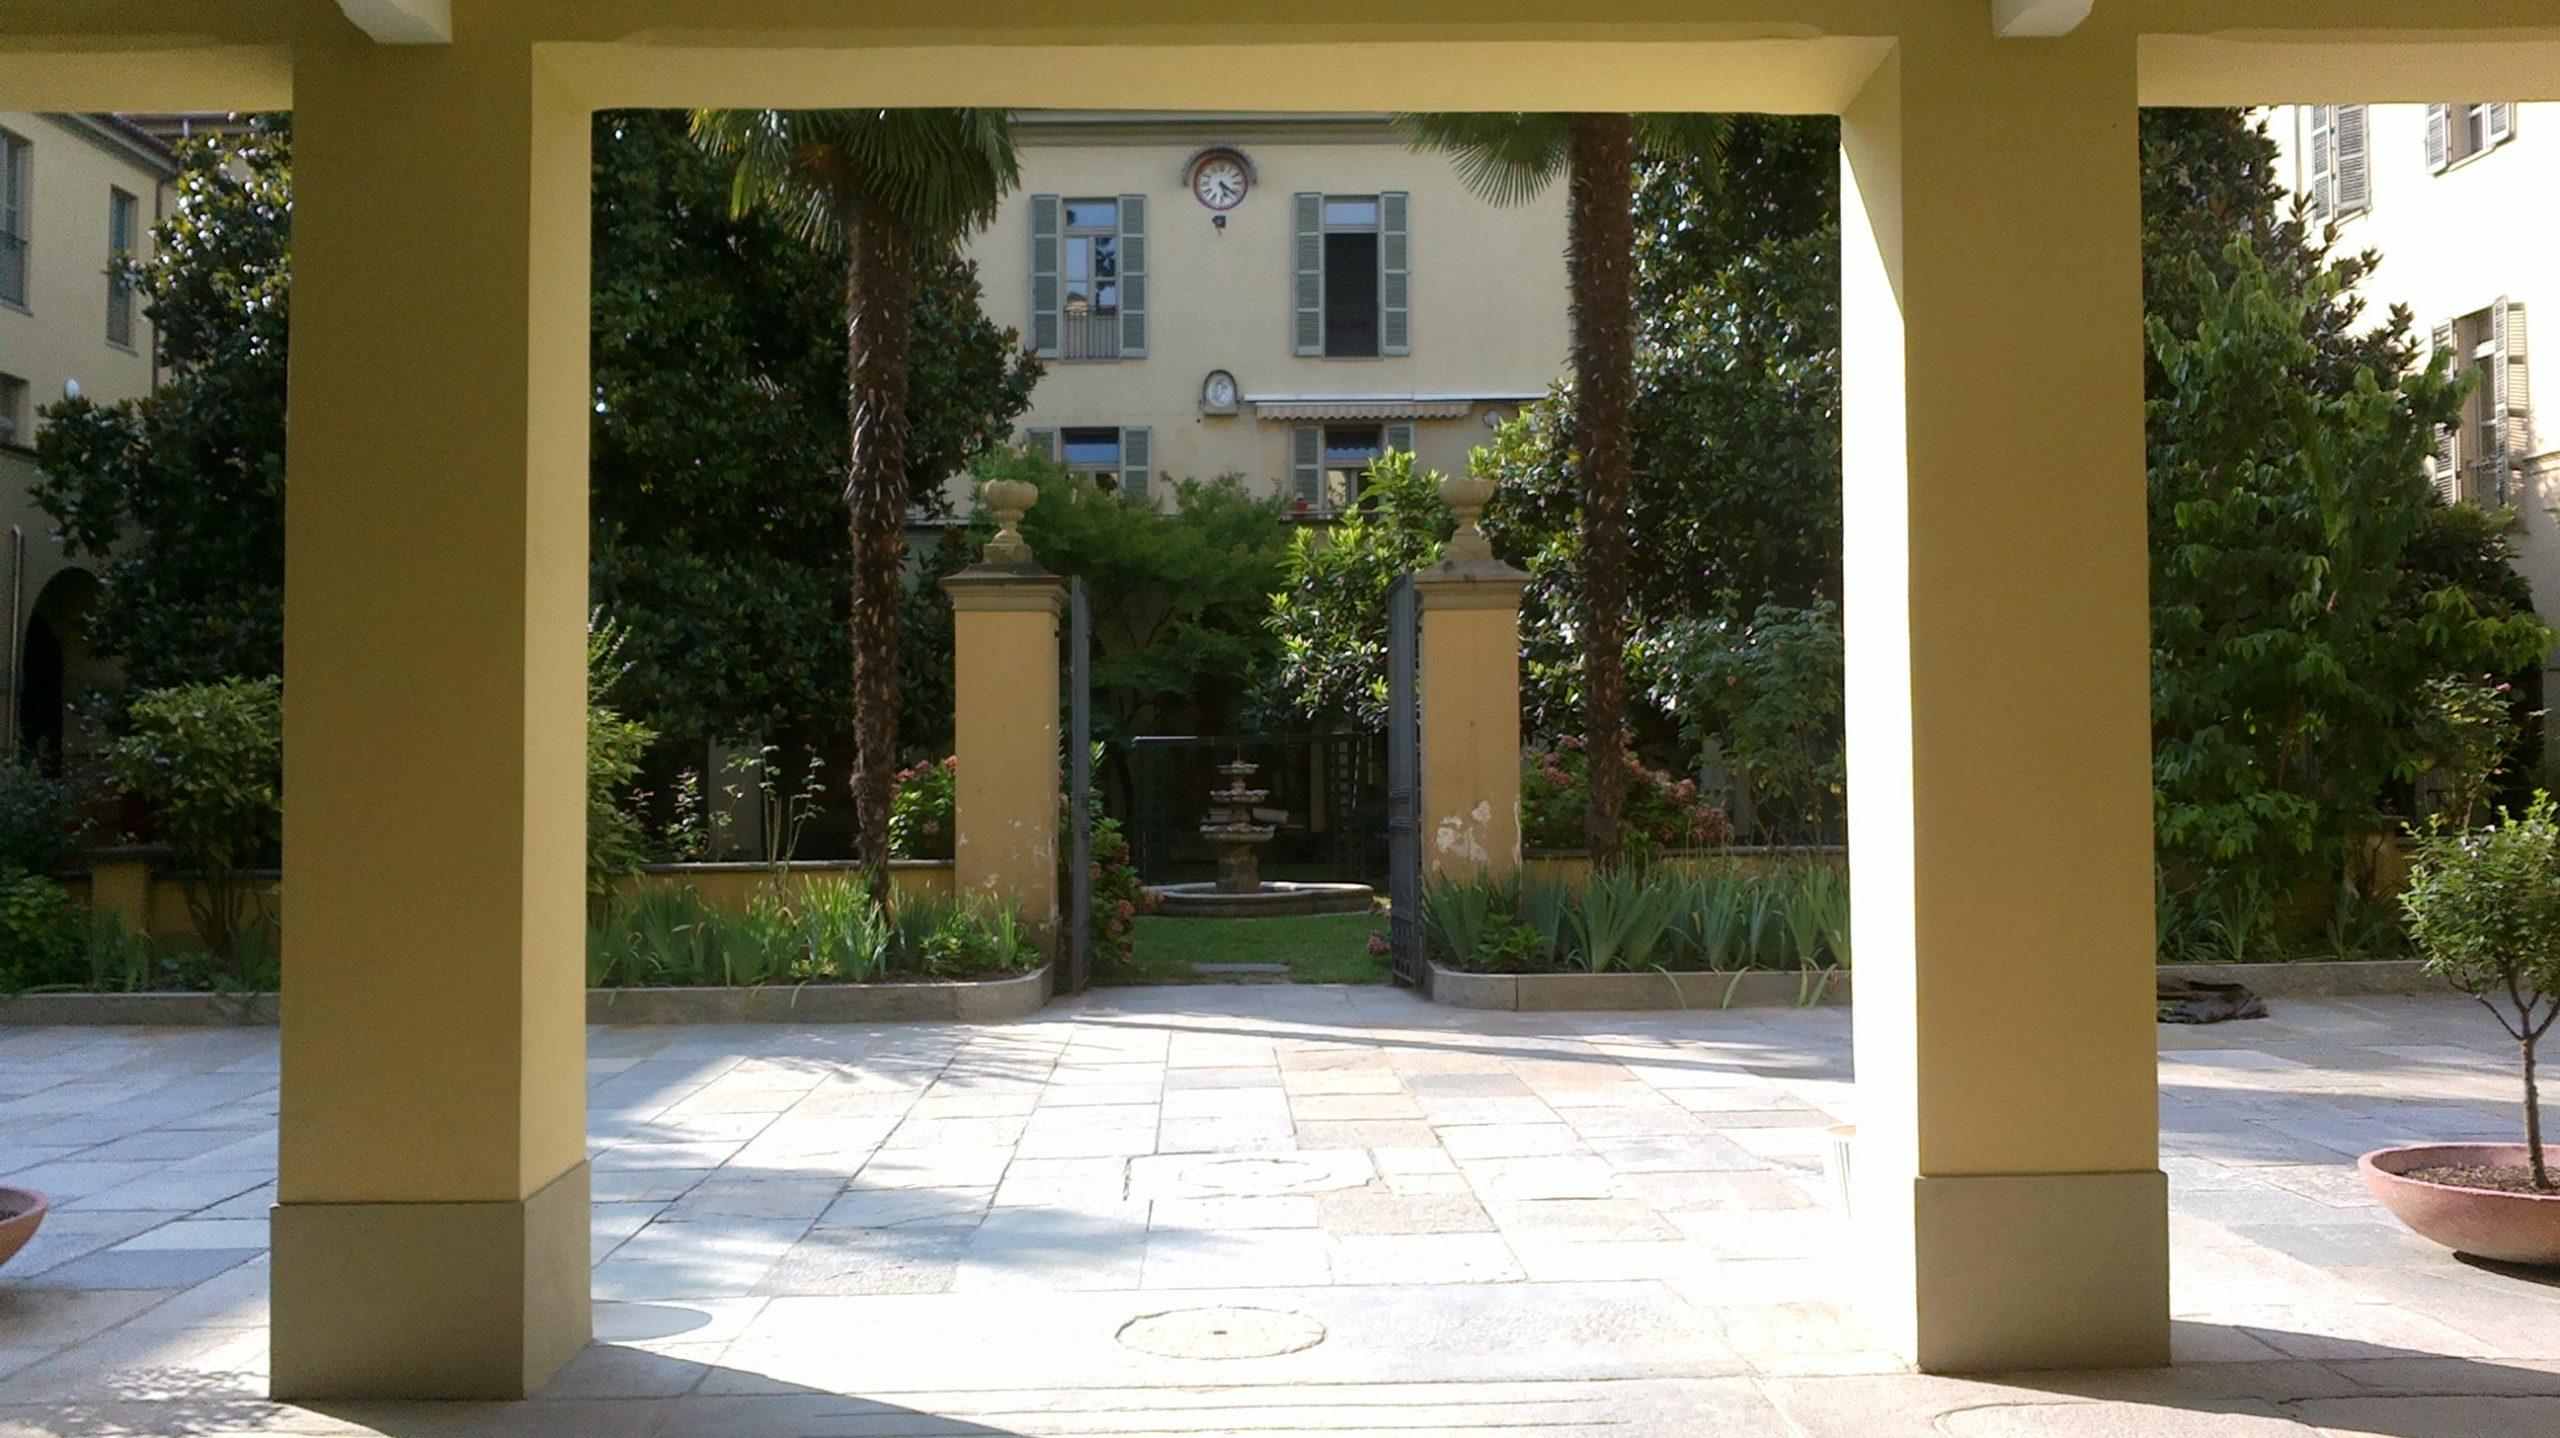 Residenza per anziani Carlo Alberto vista